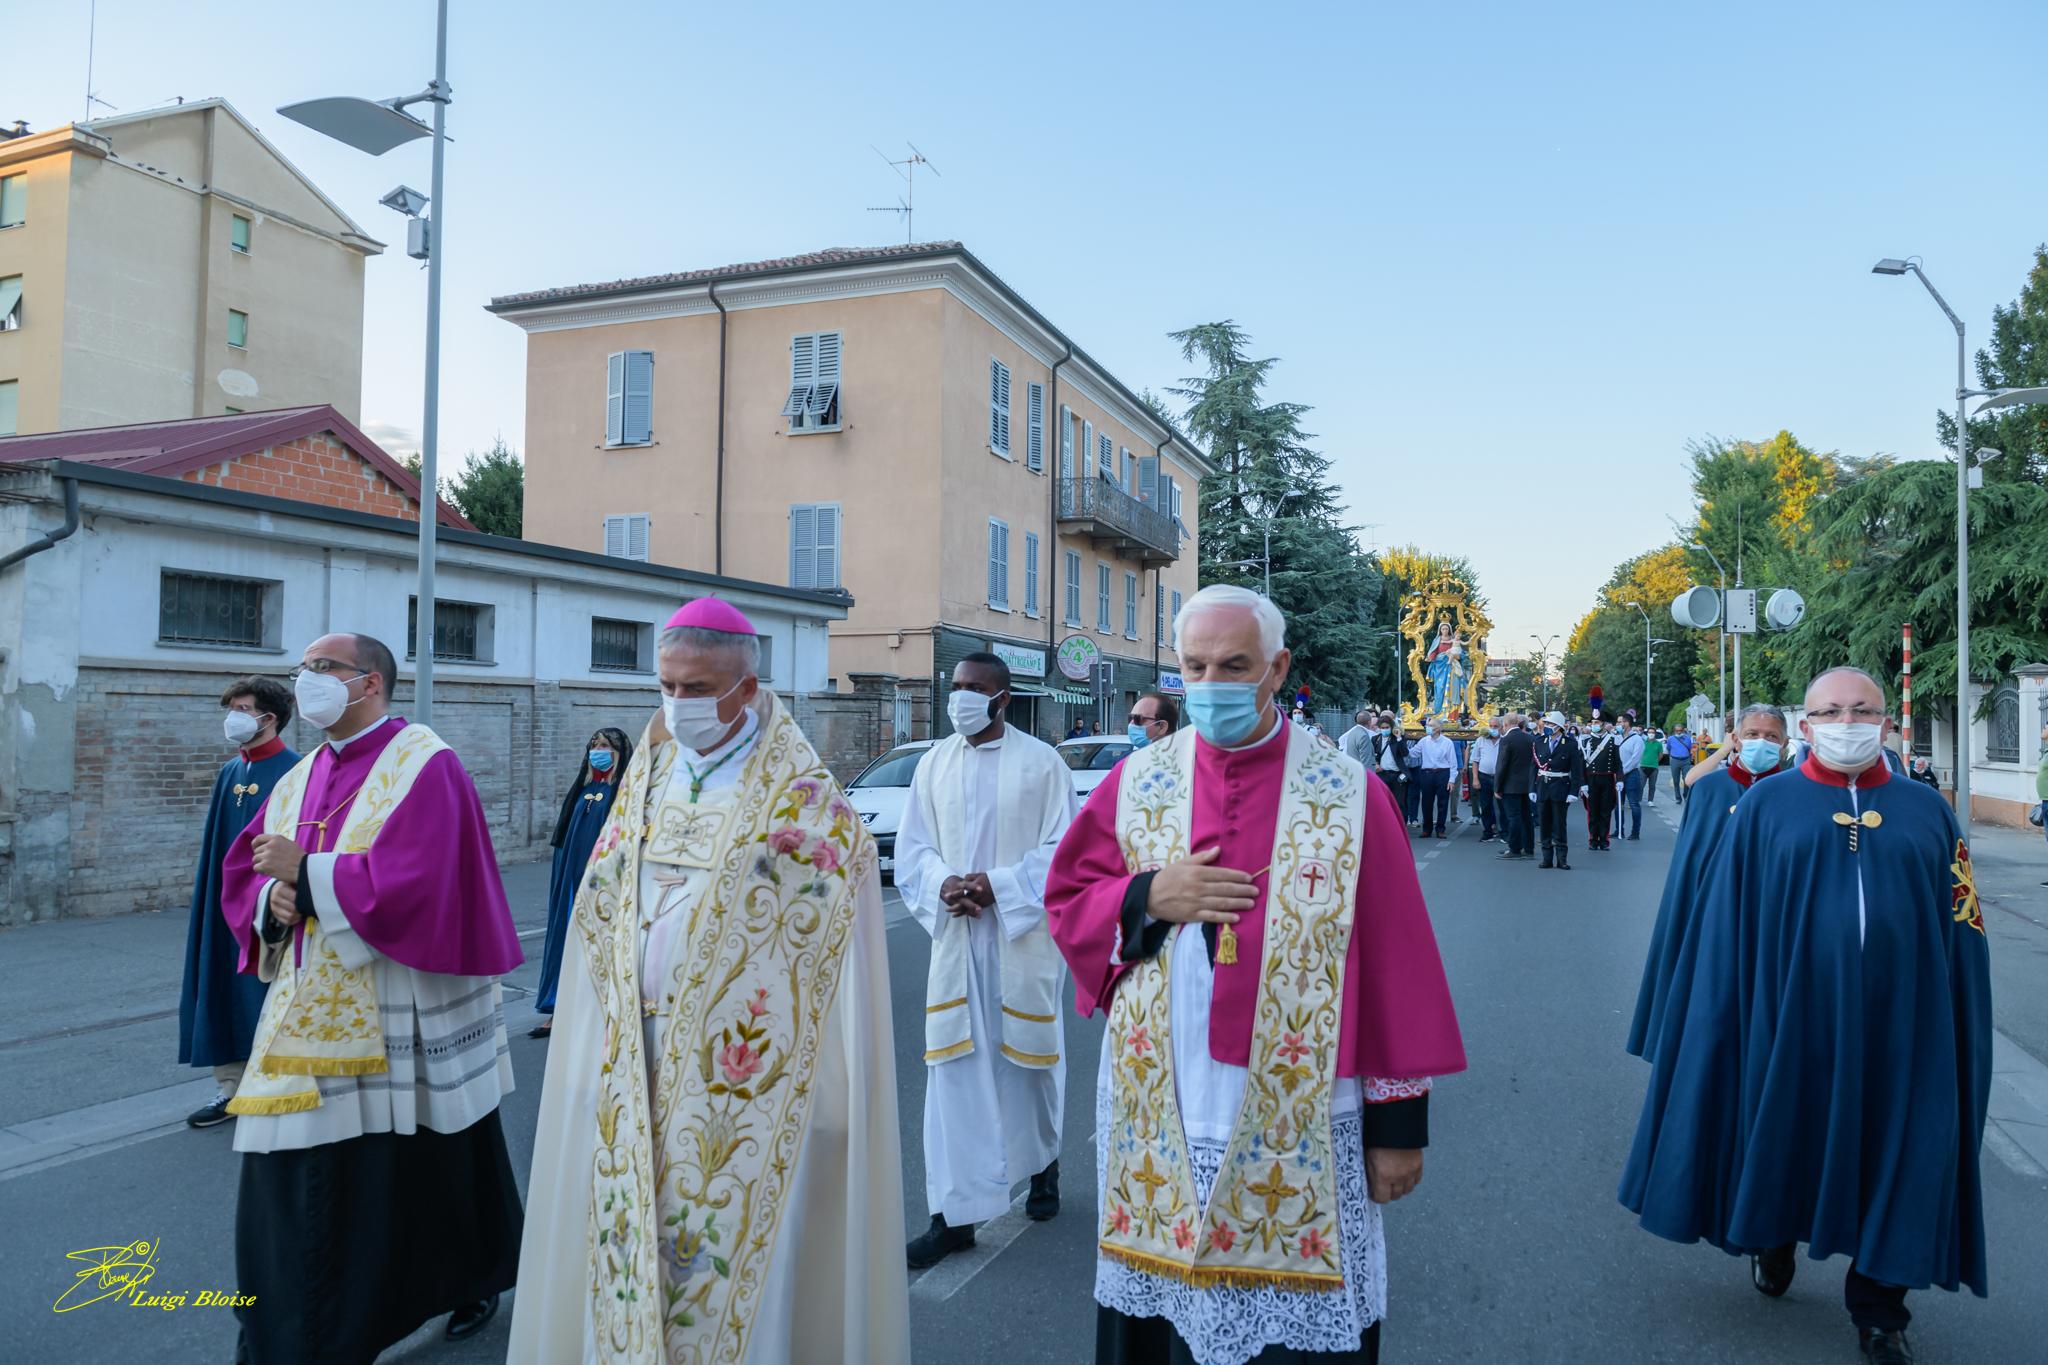 29-agosto-2021-Viola-17-e-processione-MdG-–-FOTO_mdg_-234